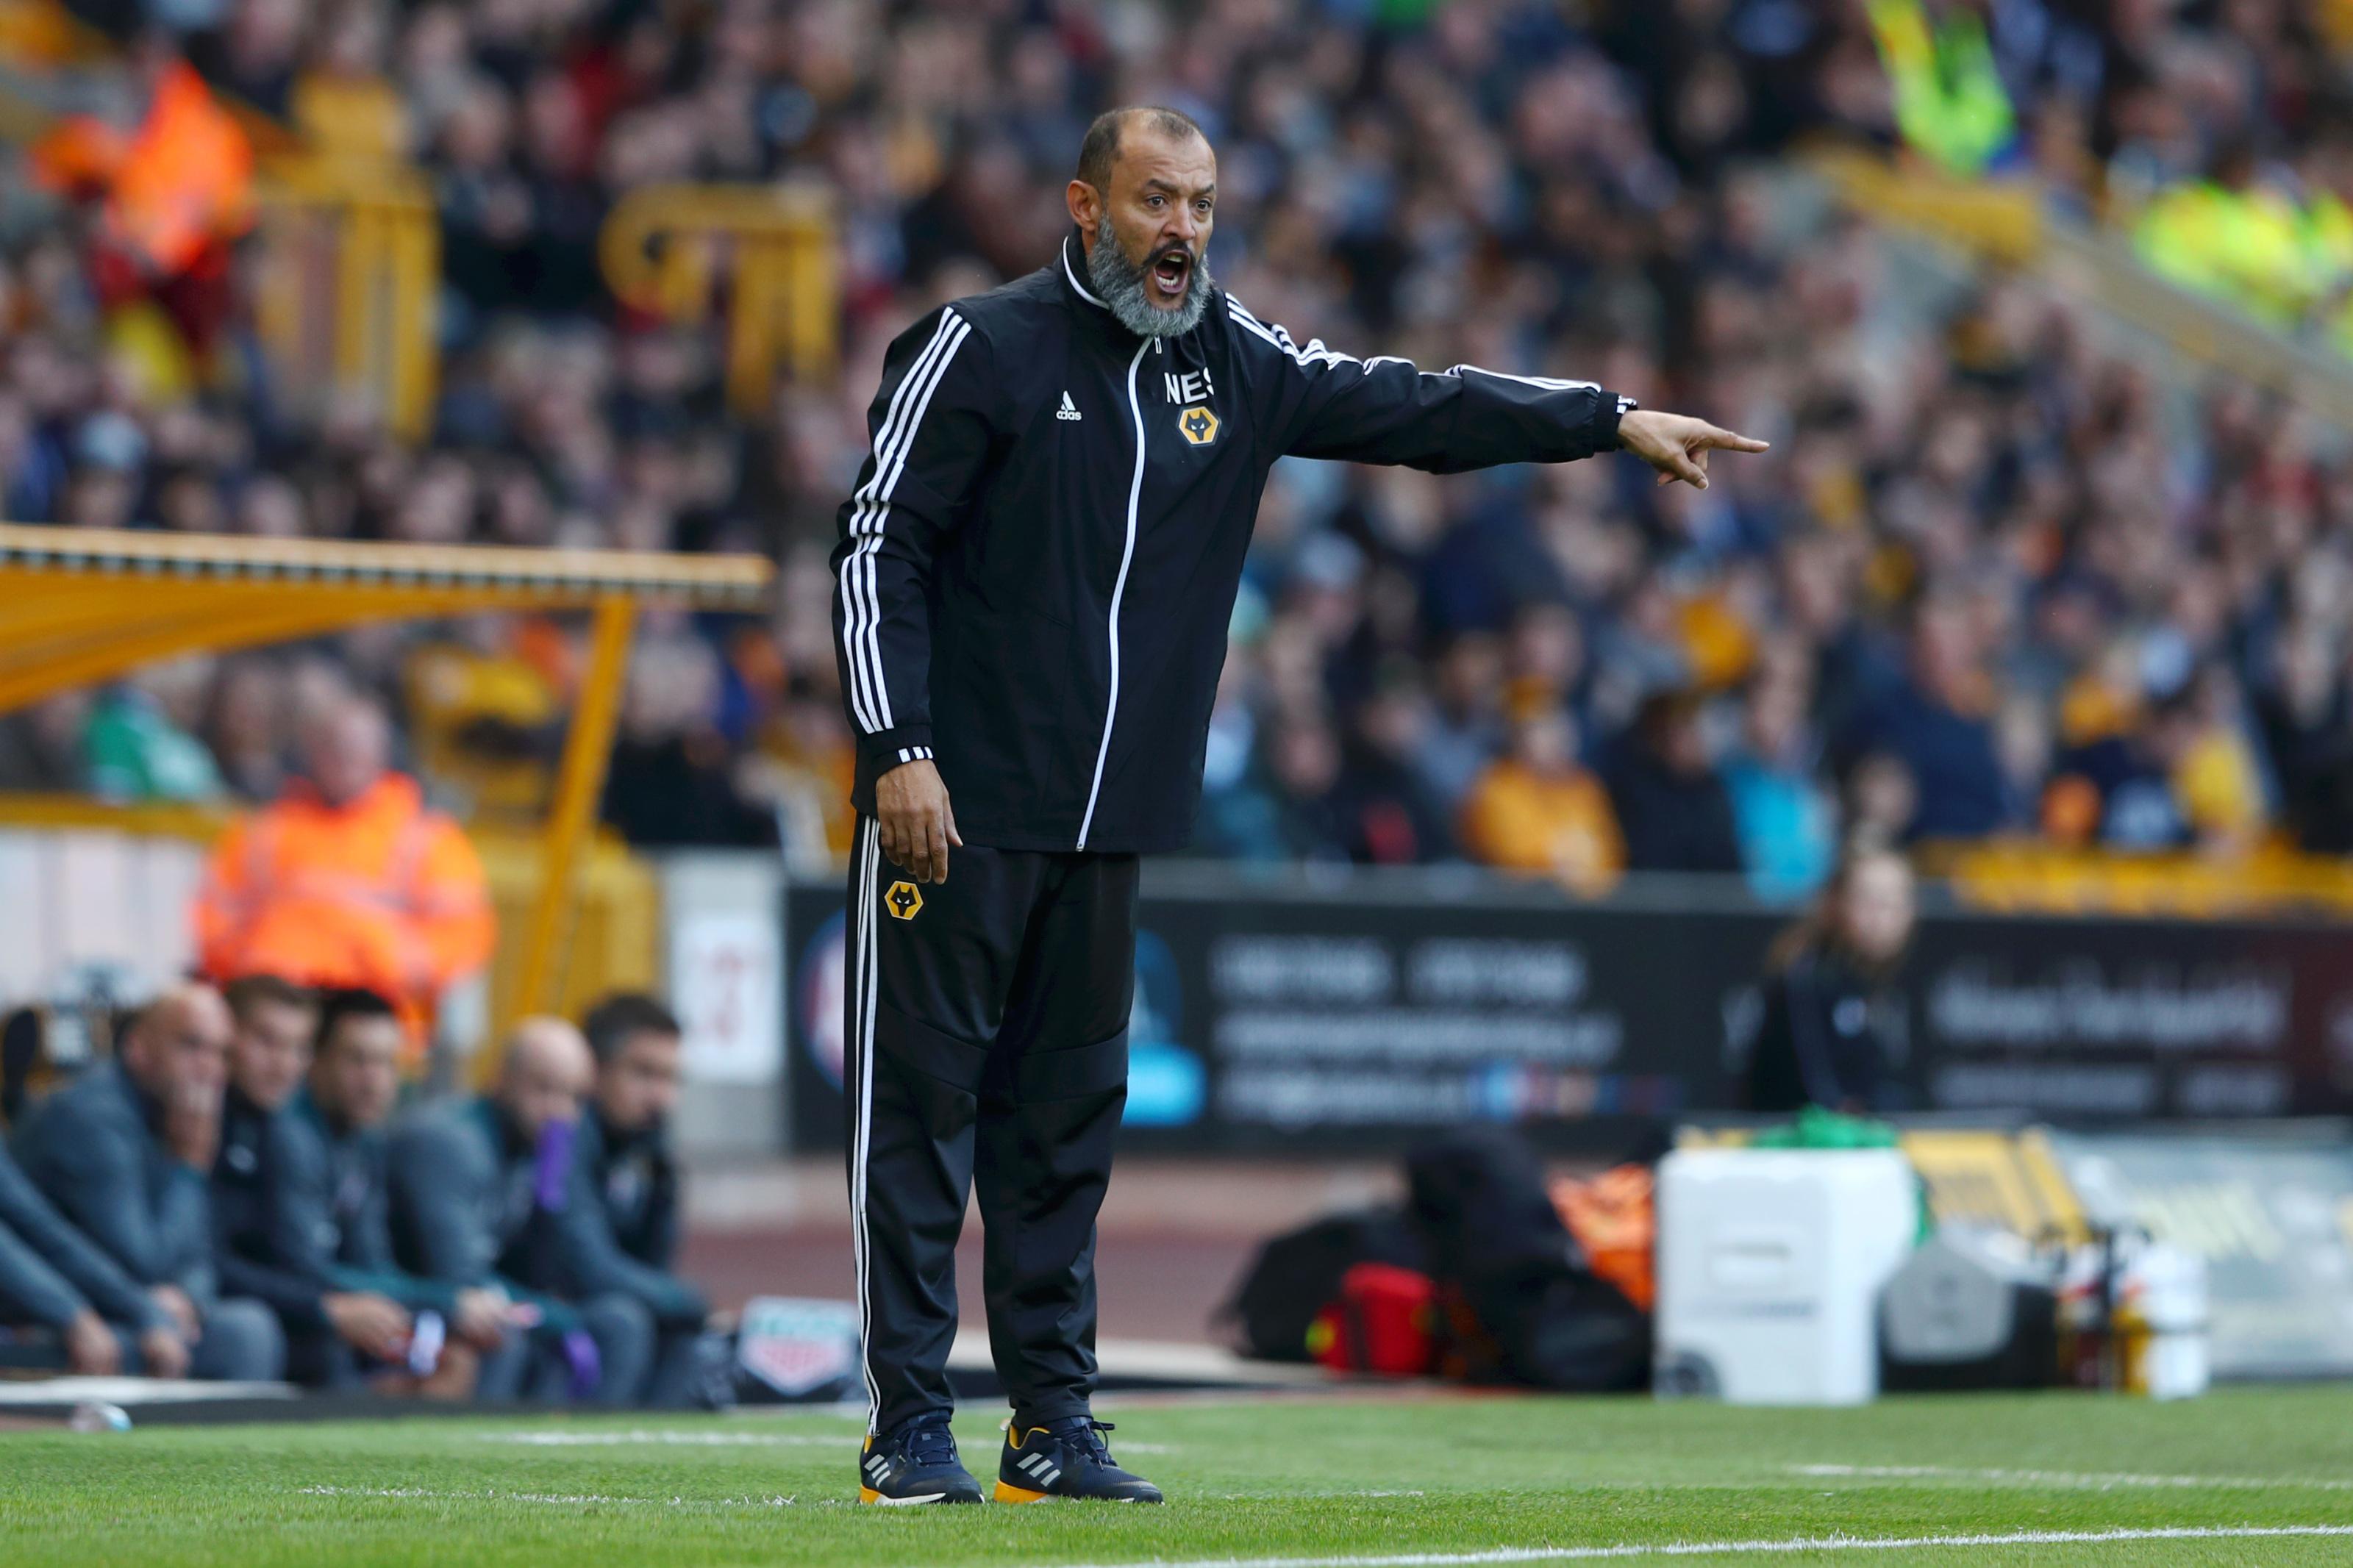 Arsenal Nuno Espirito Santo An Excellent Coach